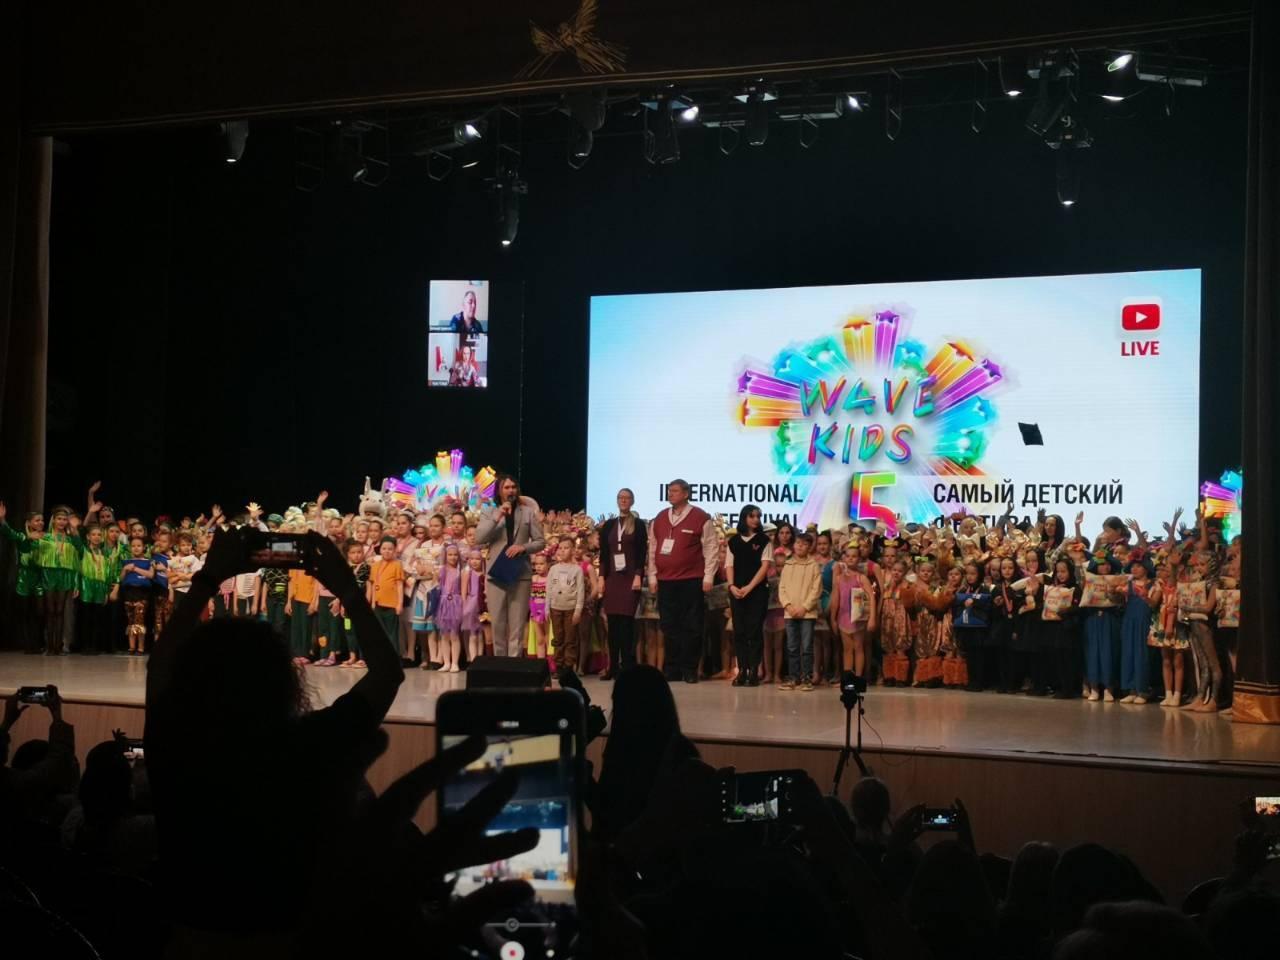 V Международный фестиваль «Wave Kids»